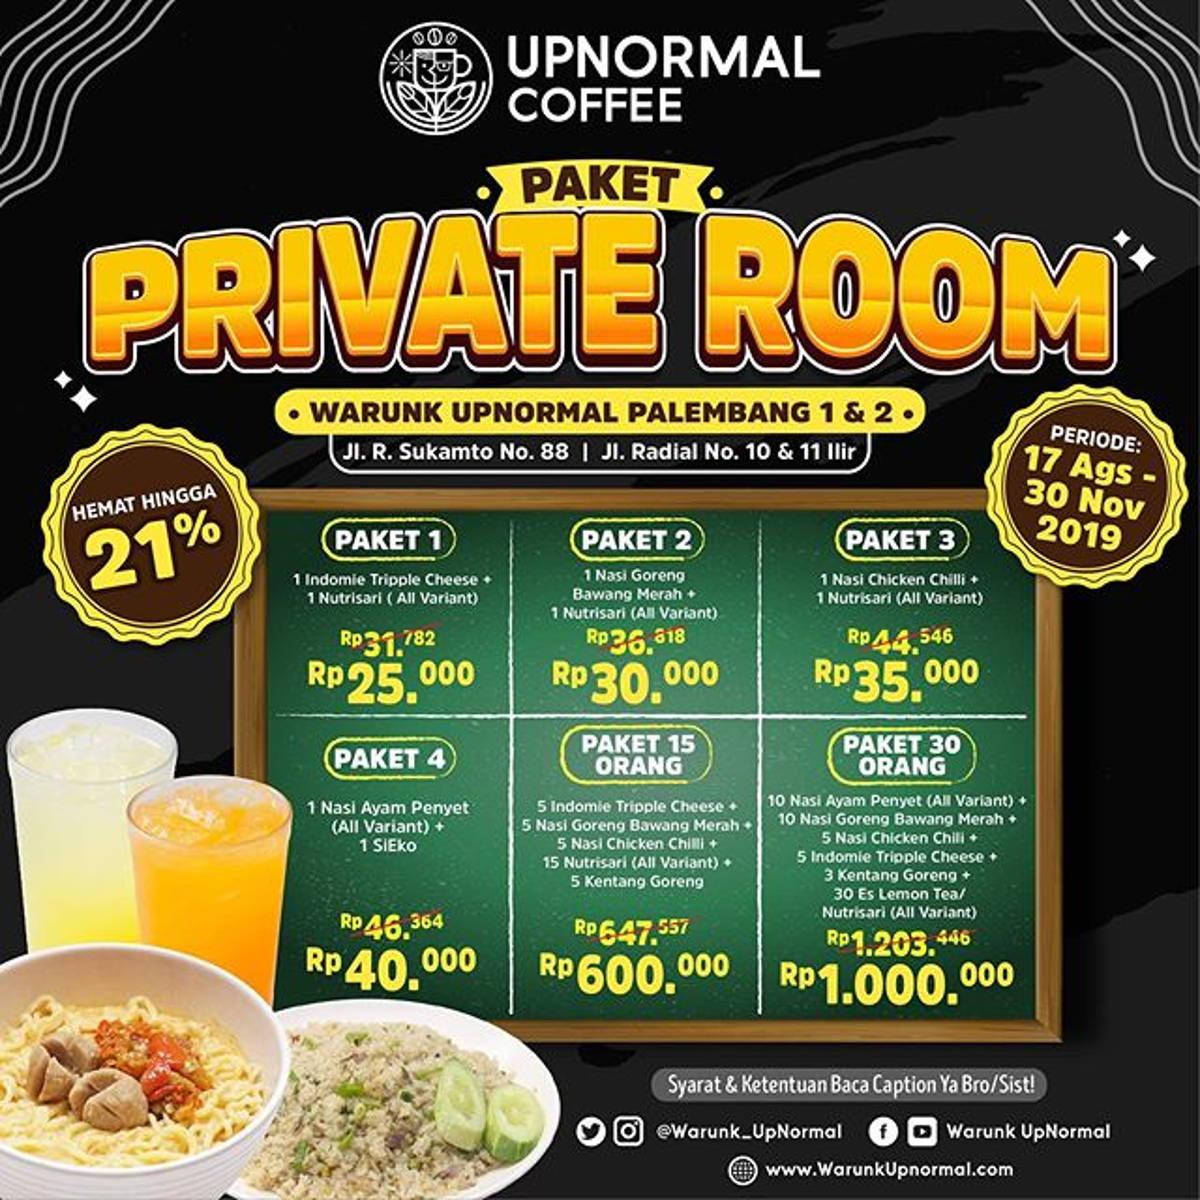 Katalog Promo: Warunk Upnormal Palembang: Promo PAKET PRIVATE ROOM Mulai Rp 25.000! - 1